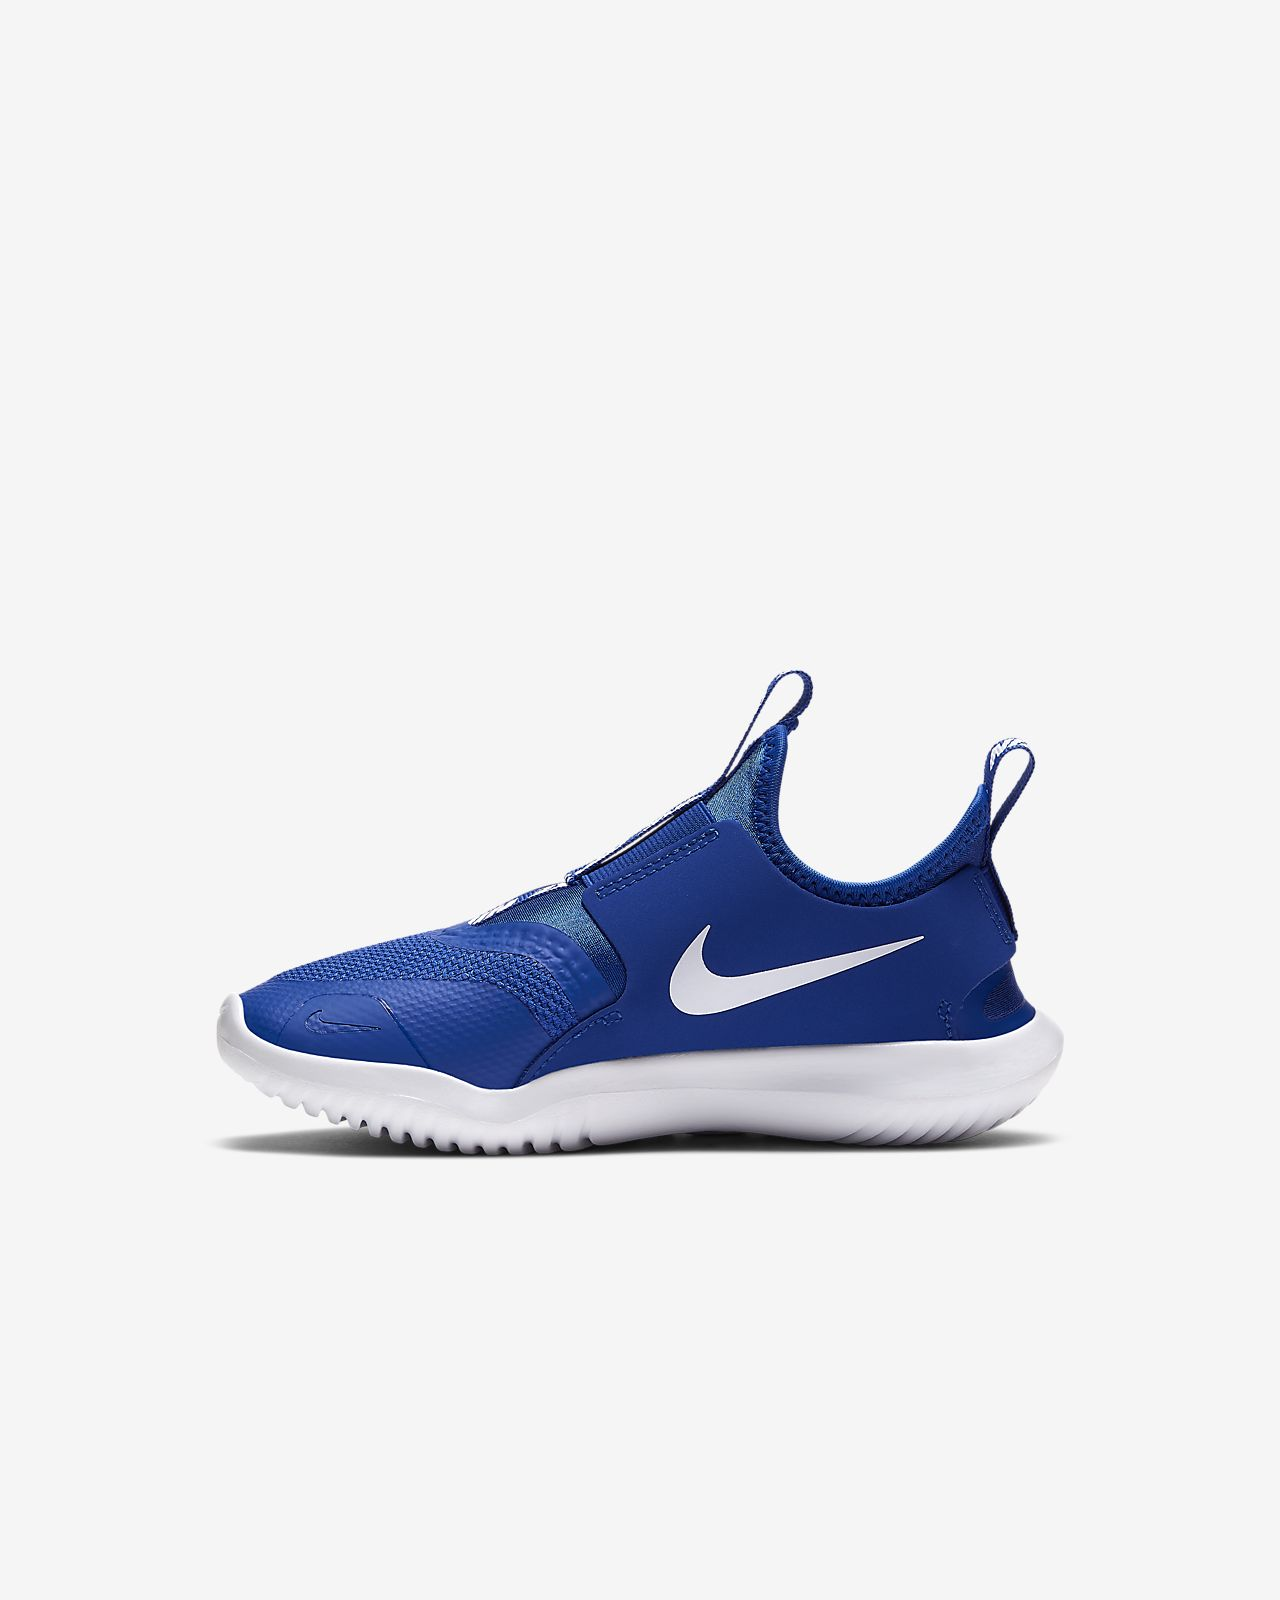 Nike Flex Runner (PS) 幼童运动童鞋